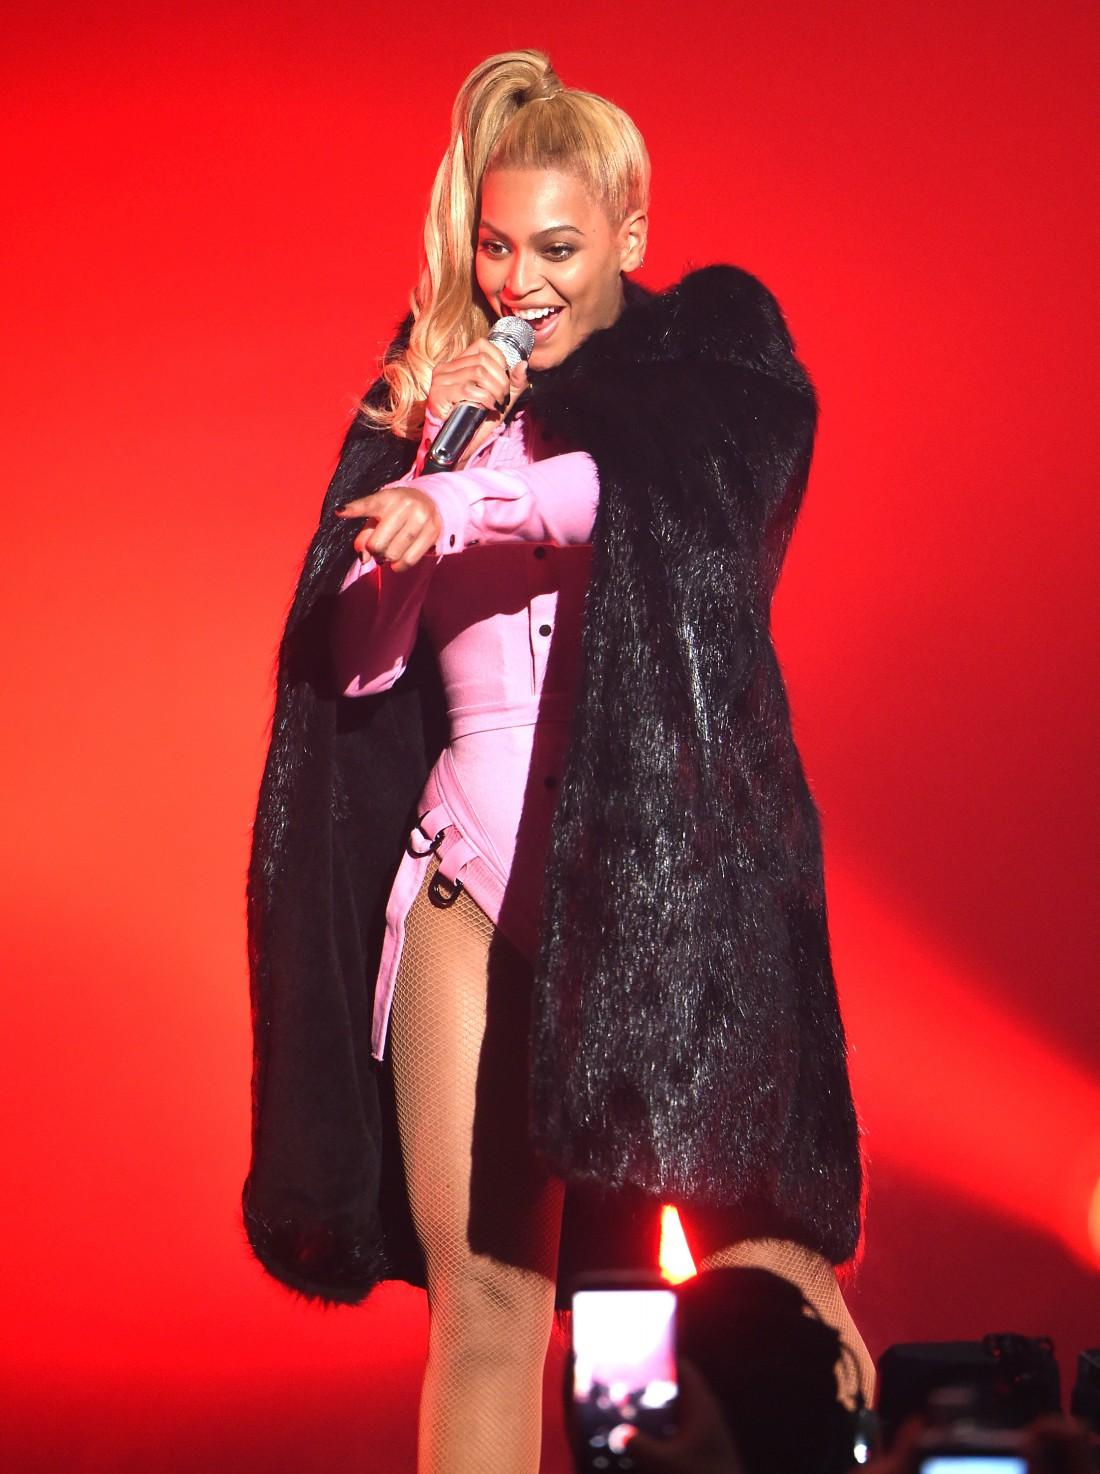 Американская певица во время своего выступления